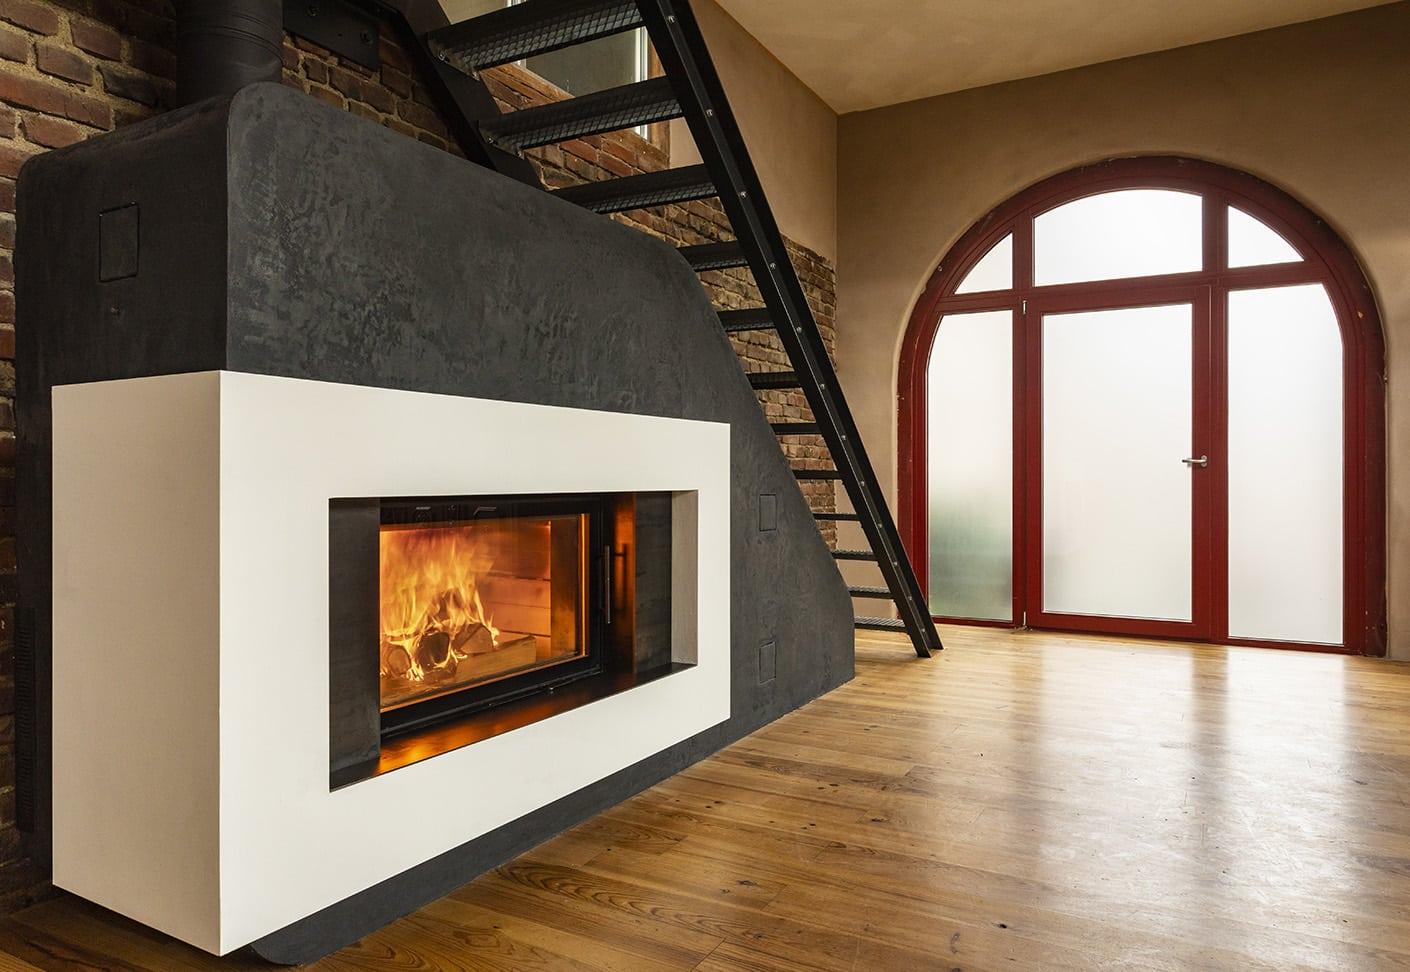 Kantiger Ofen mit großem Fenster unter einer Stiege, daneben eine Gläserne Türe.